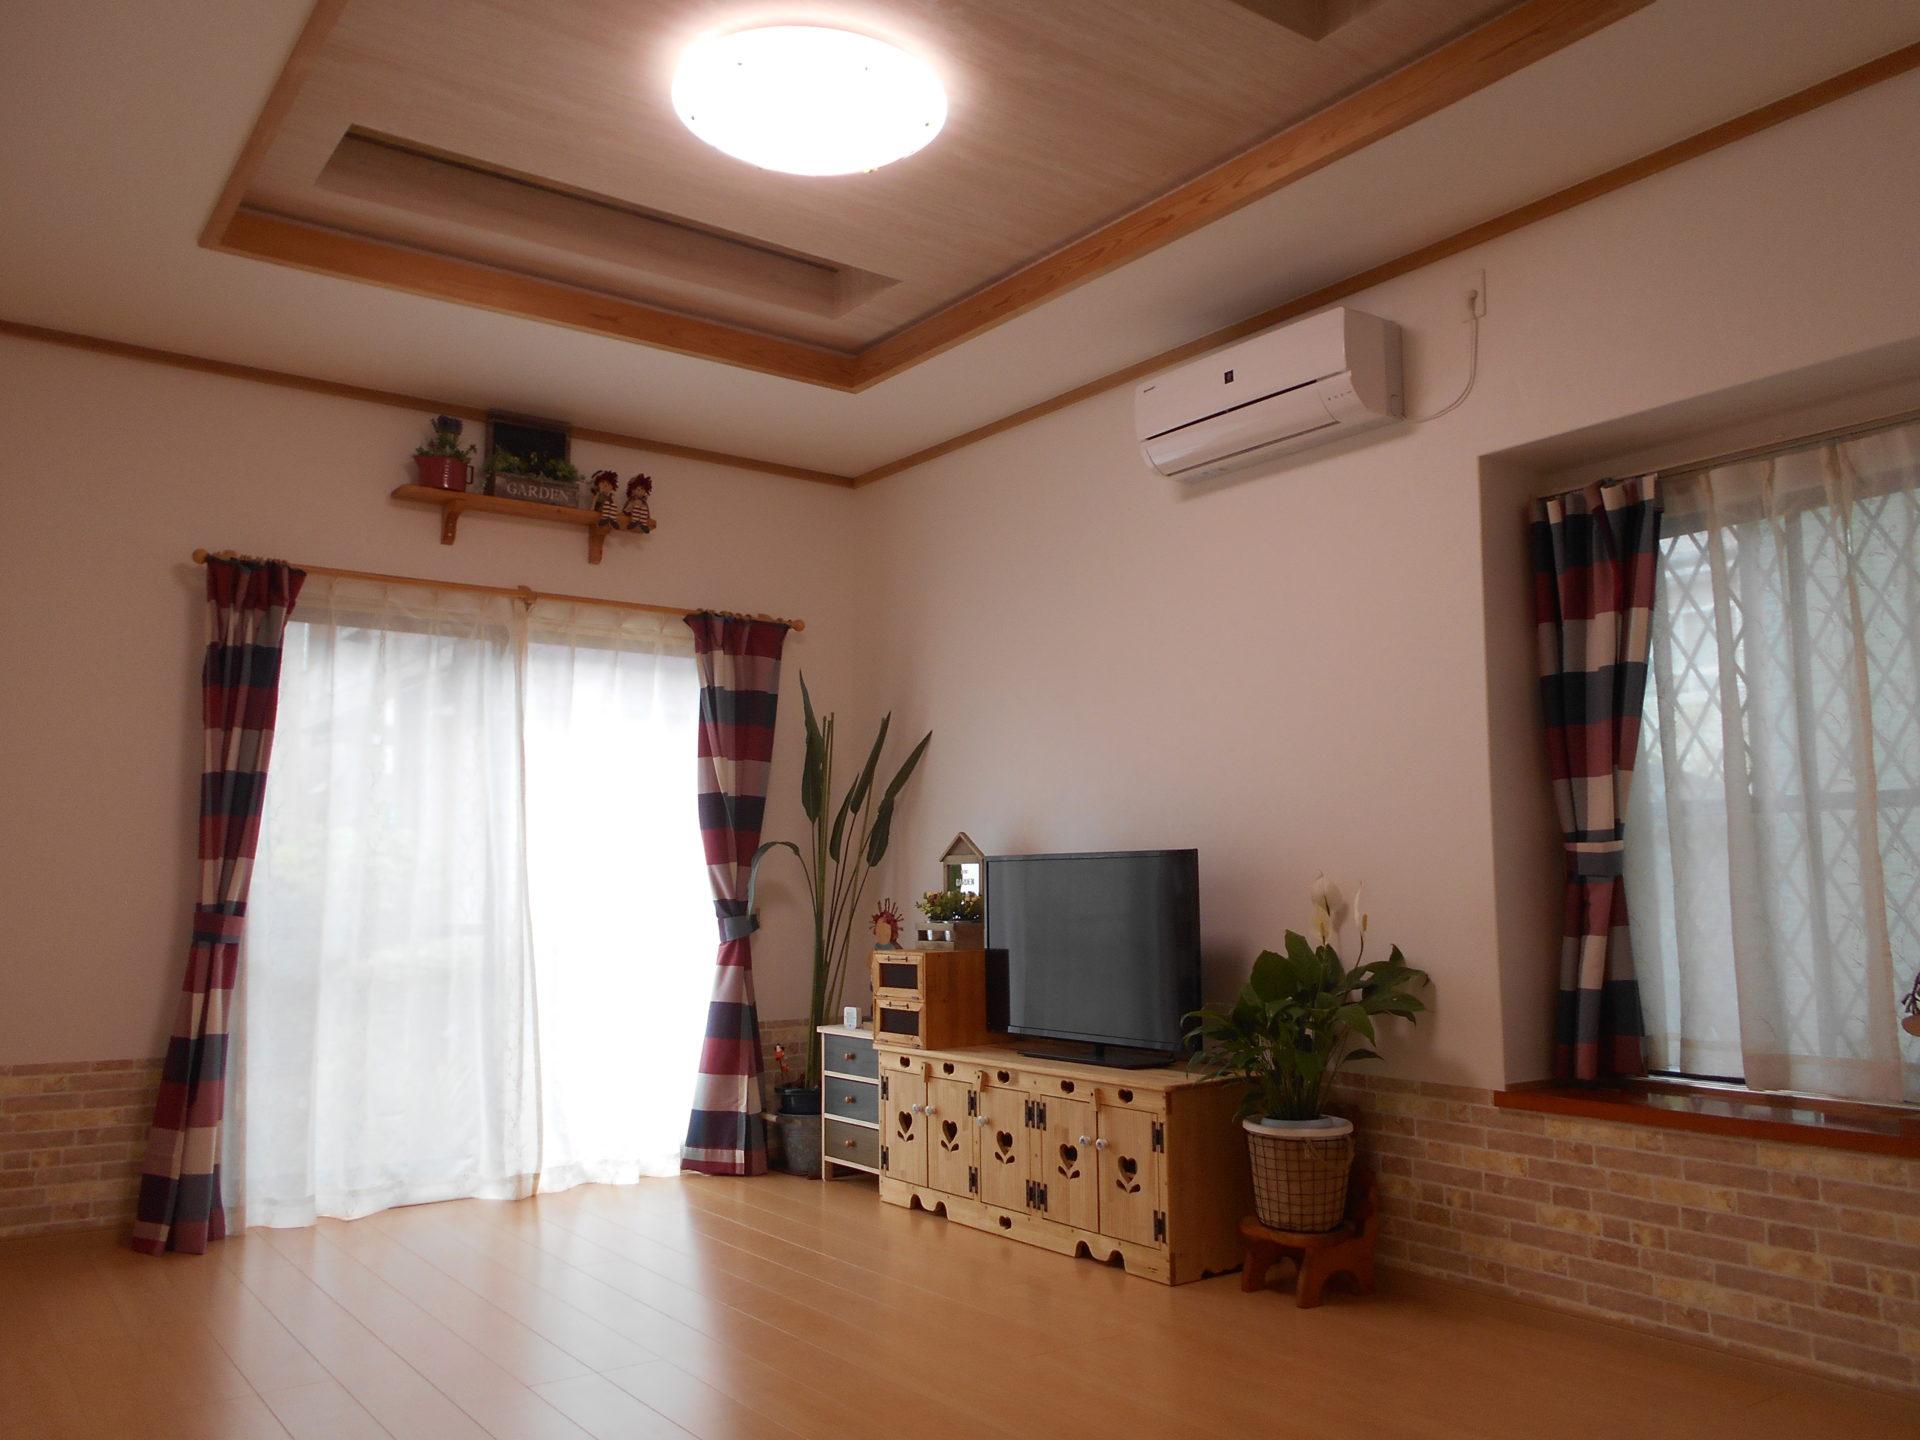 S様邸 和室改装リフォーム (熊本市南区)